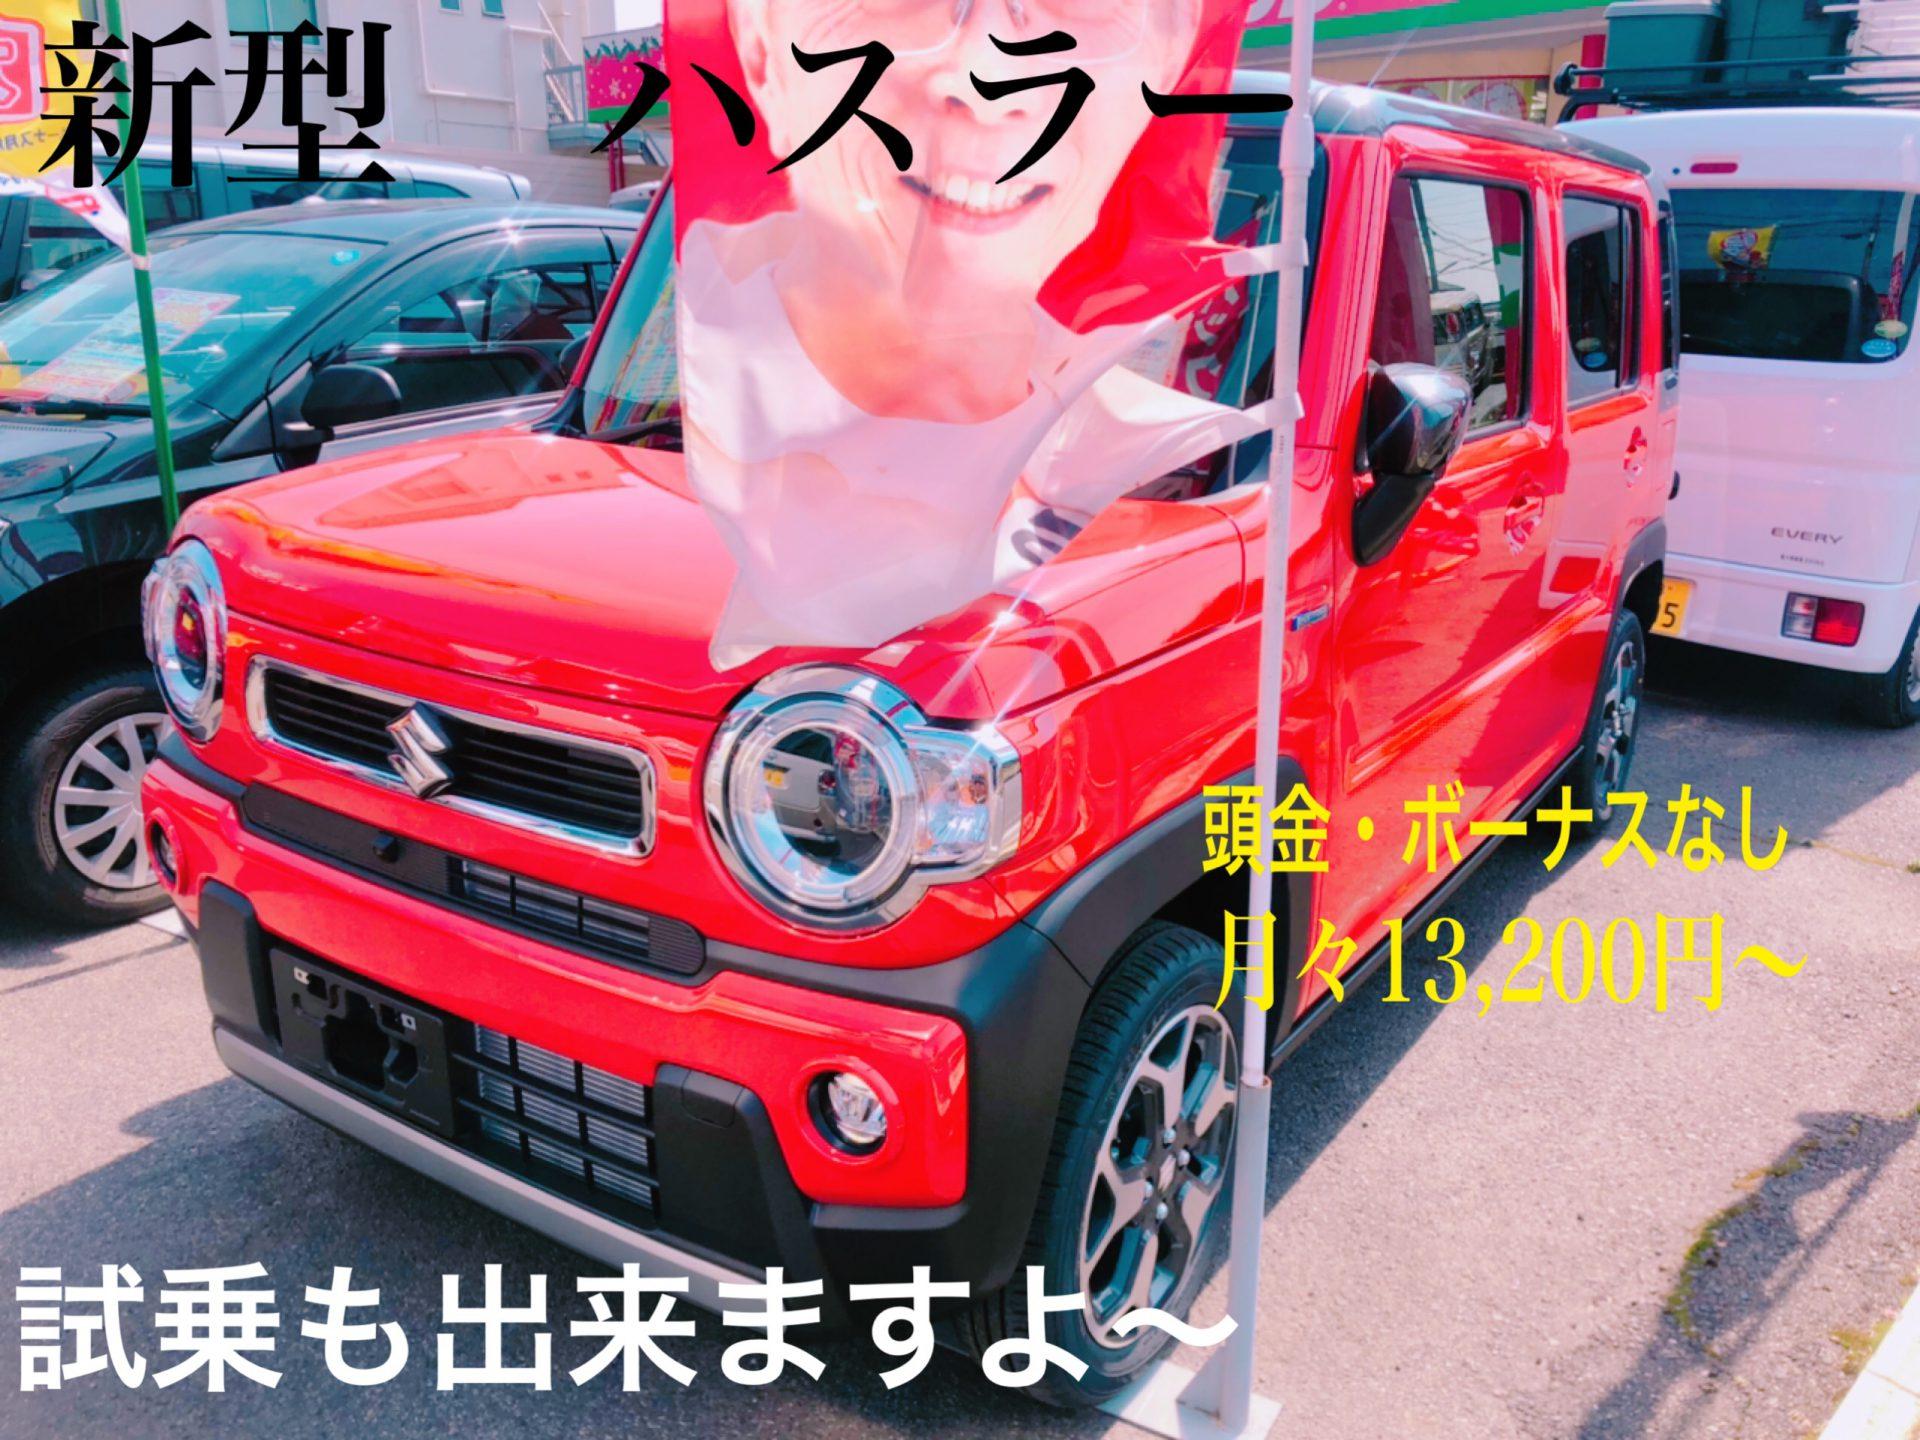 新車 軽自動車 ハスラー 新型 オレンジ